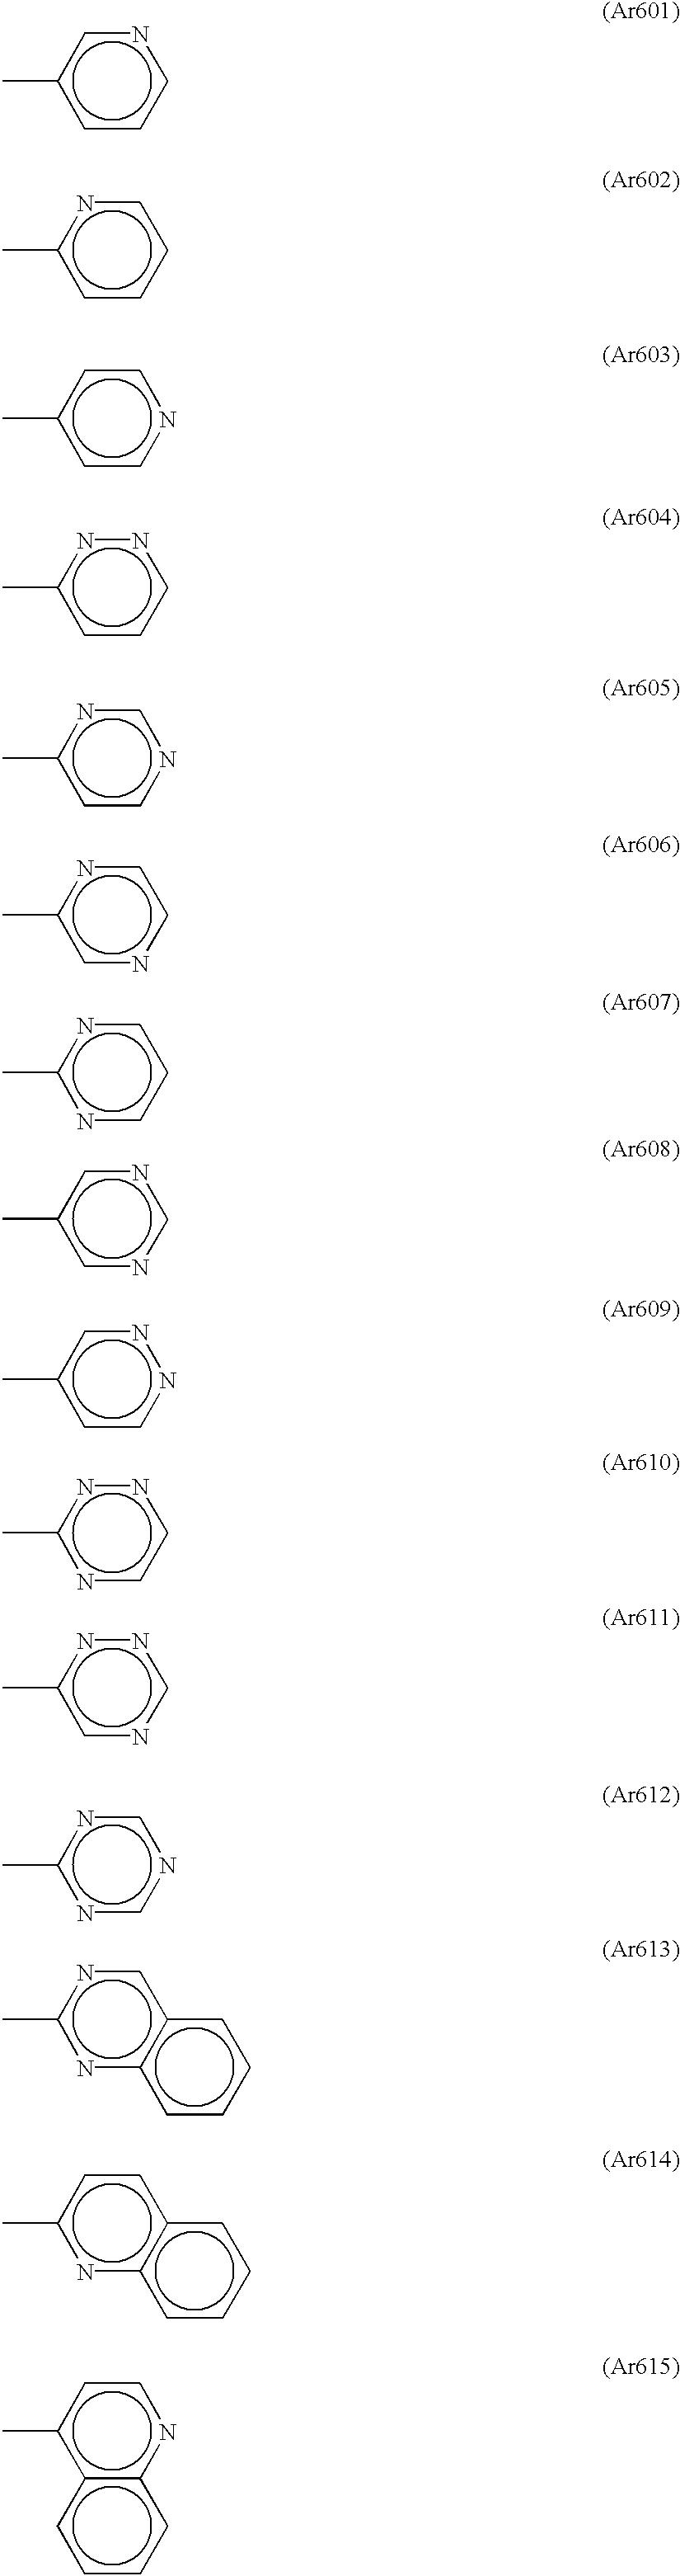 Figure US07128953-20061031-C00003